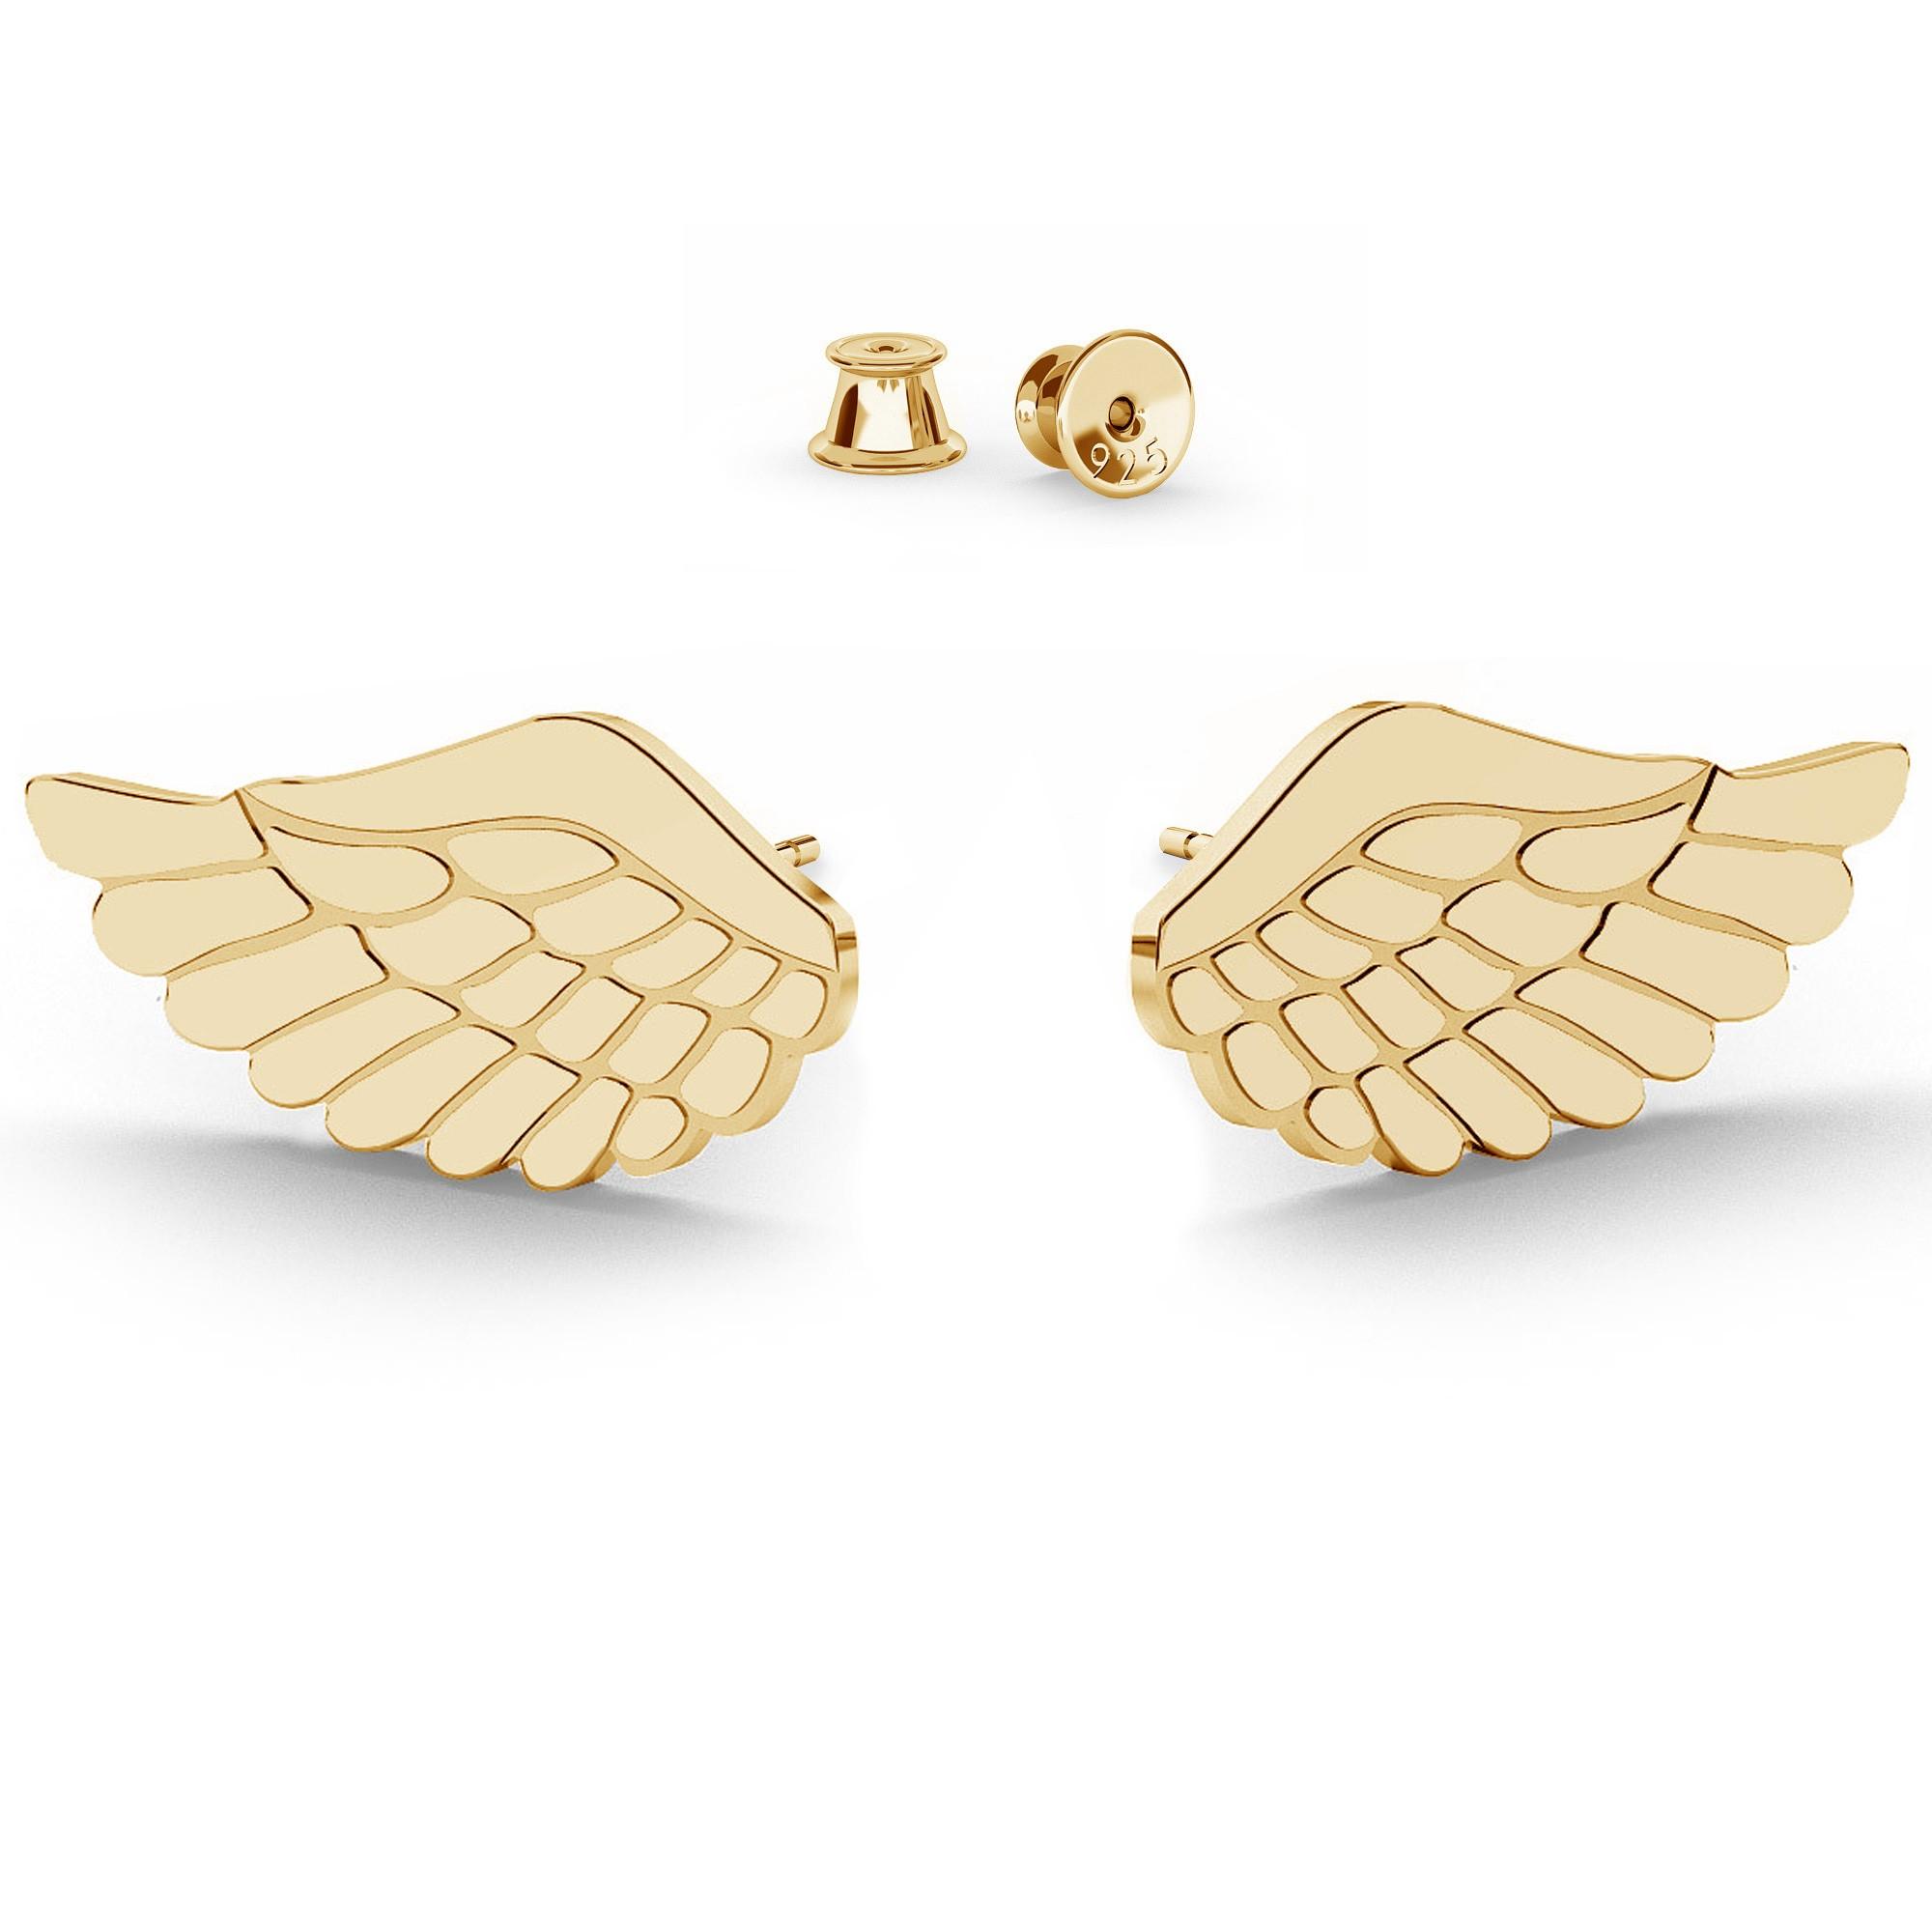 Srebrne kolczyki duże skrzydła anioła, srebro 925